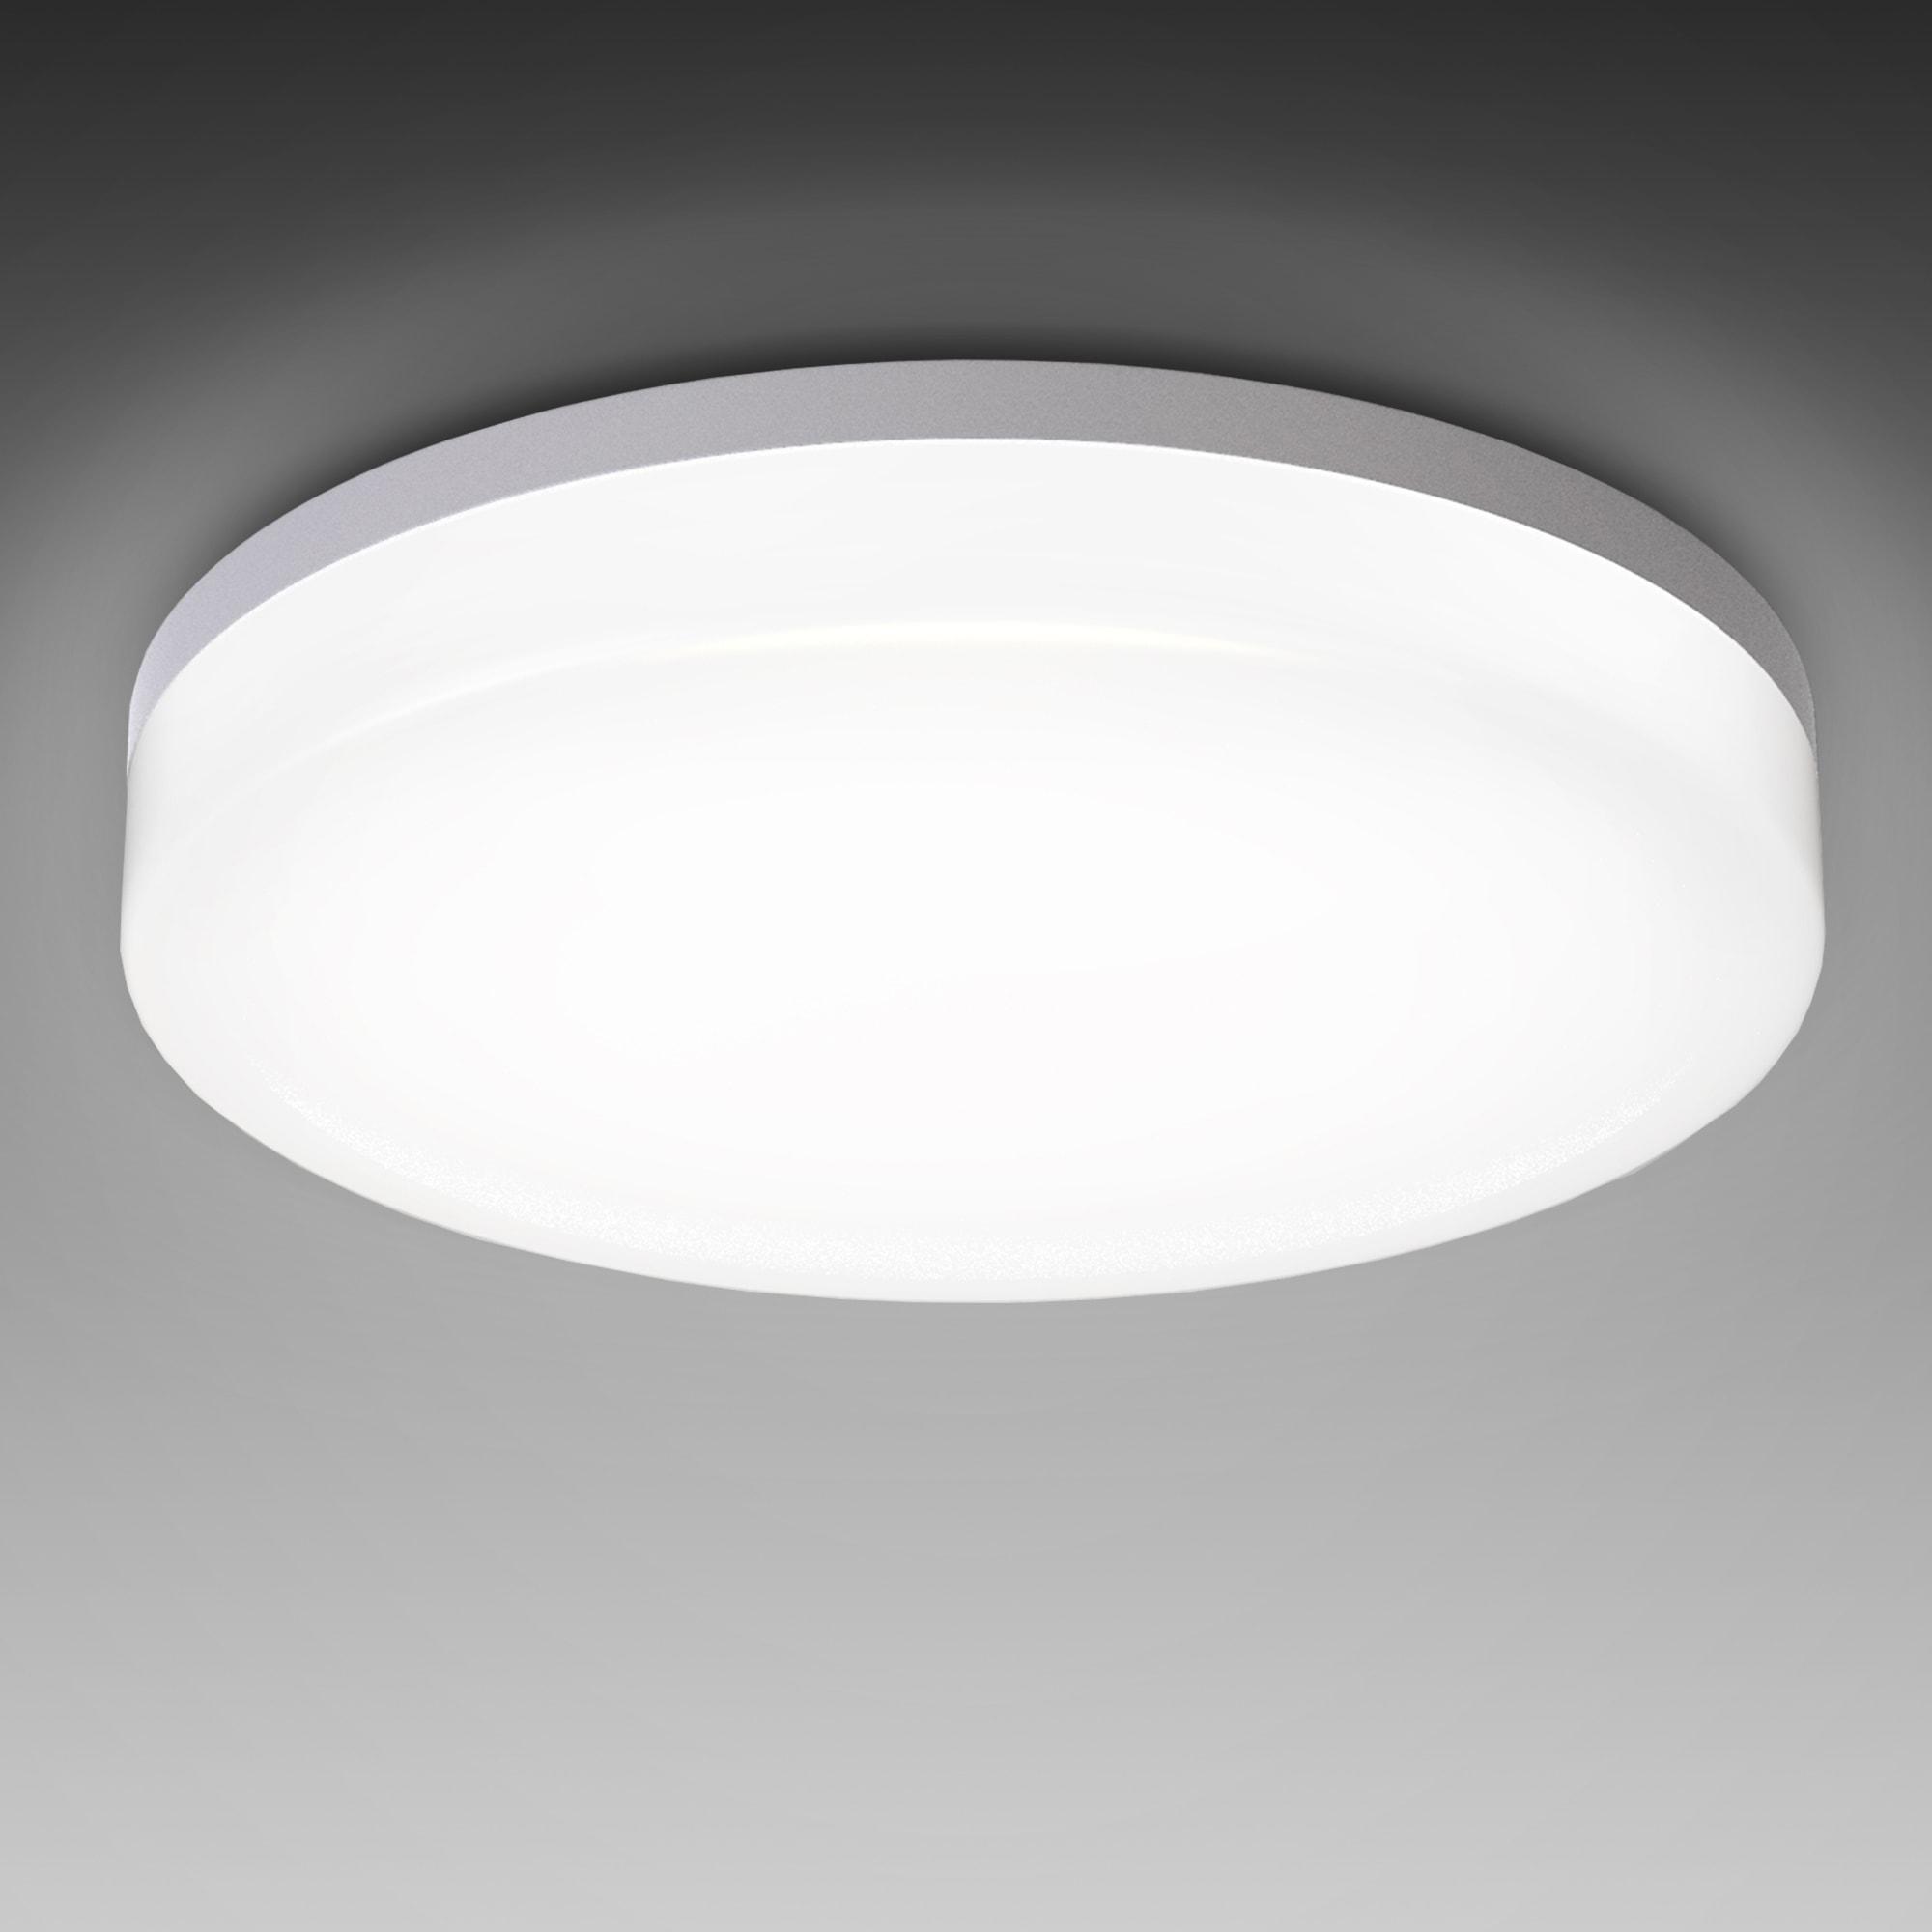 B.K.Licht LED Deckenleuchte Bootes, LED-Board, Neutralweiß, LED Deckenlampe 18W Bad-Lampen IP54 Badezimmer-Leuchte Deckenleuchte Küche Flur